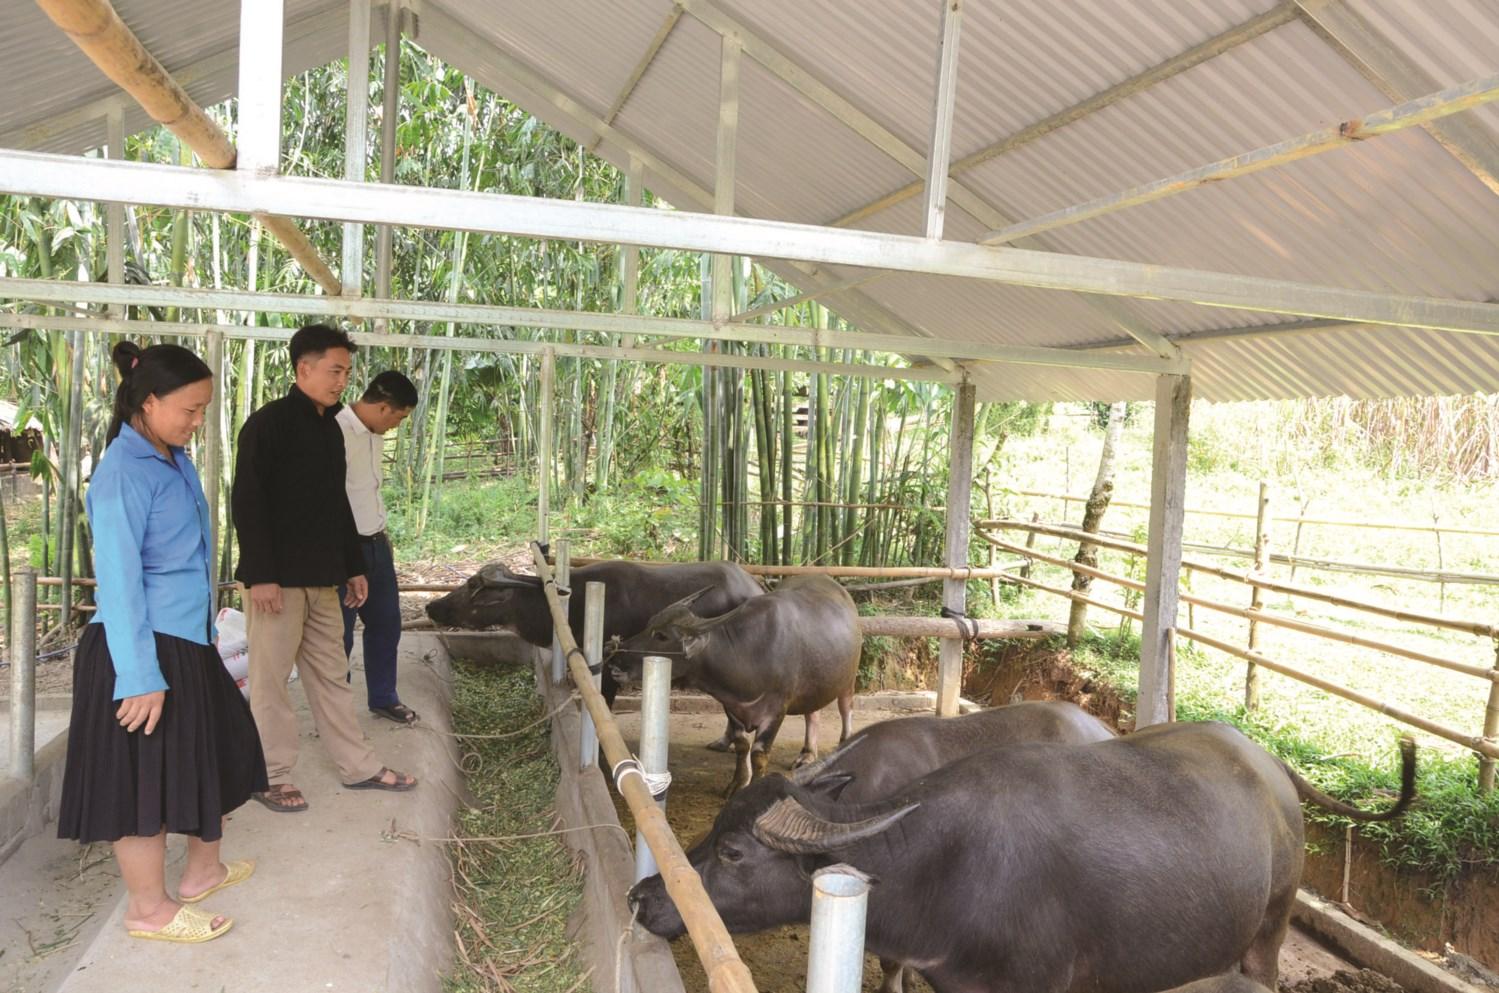 Mô hình nuôi trâu vỗ béo của gia đình anh Cháng A Bào thôn Tiên Tốc mang lại hiệu quả kinh tế cao